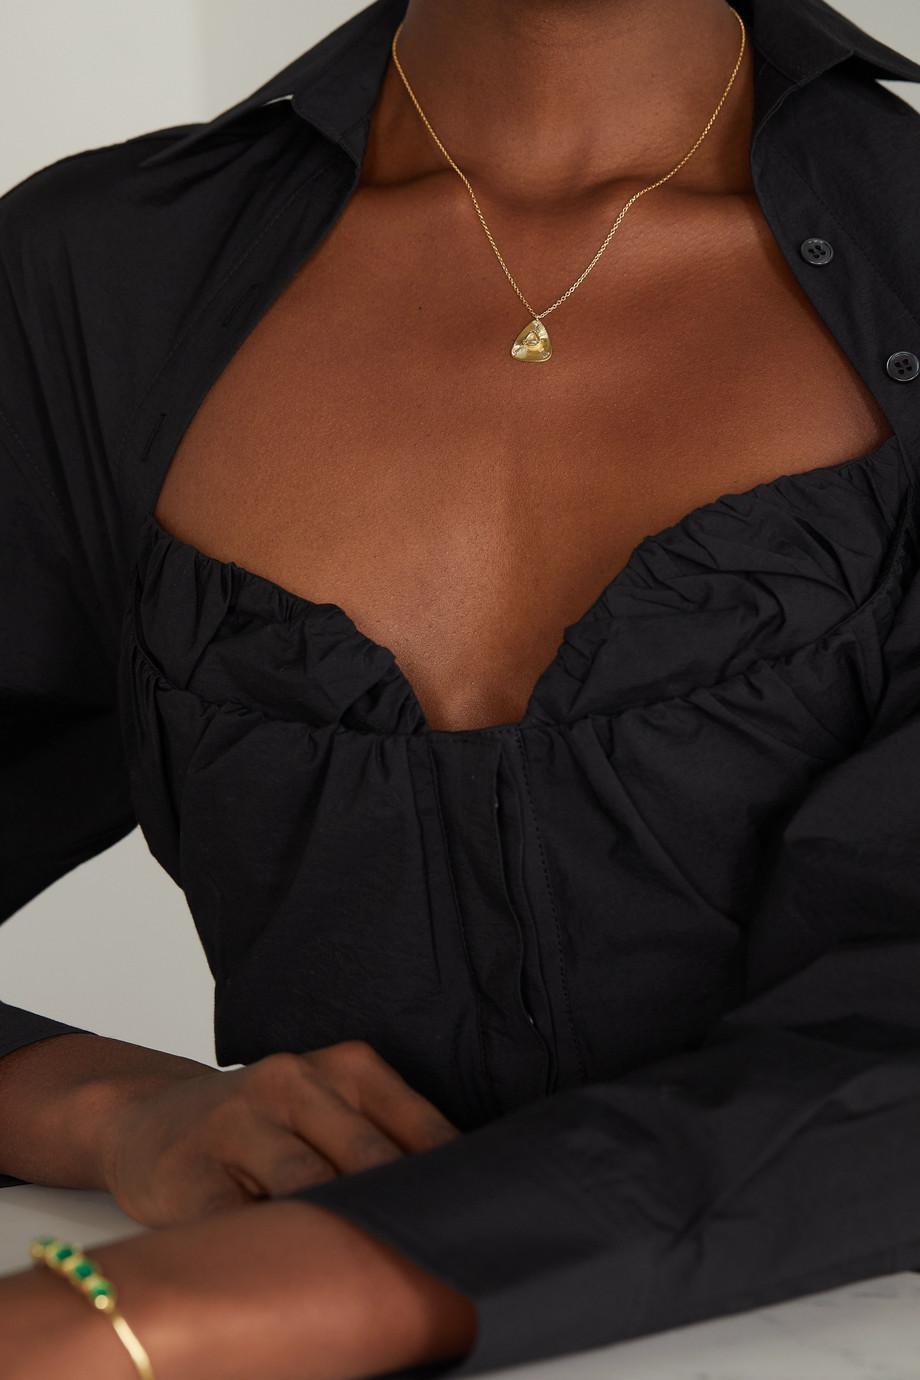 Brooke Gregson Ellipse Kette aus 18 Karat Gold mit Diamanten